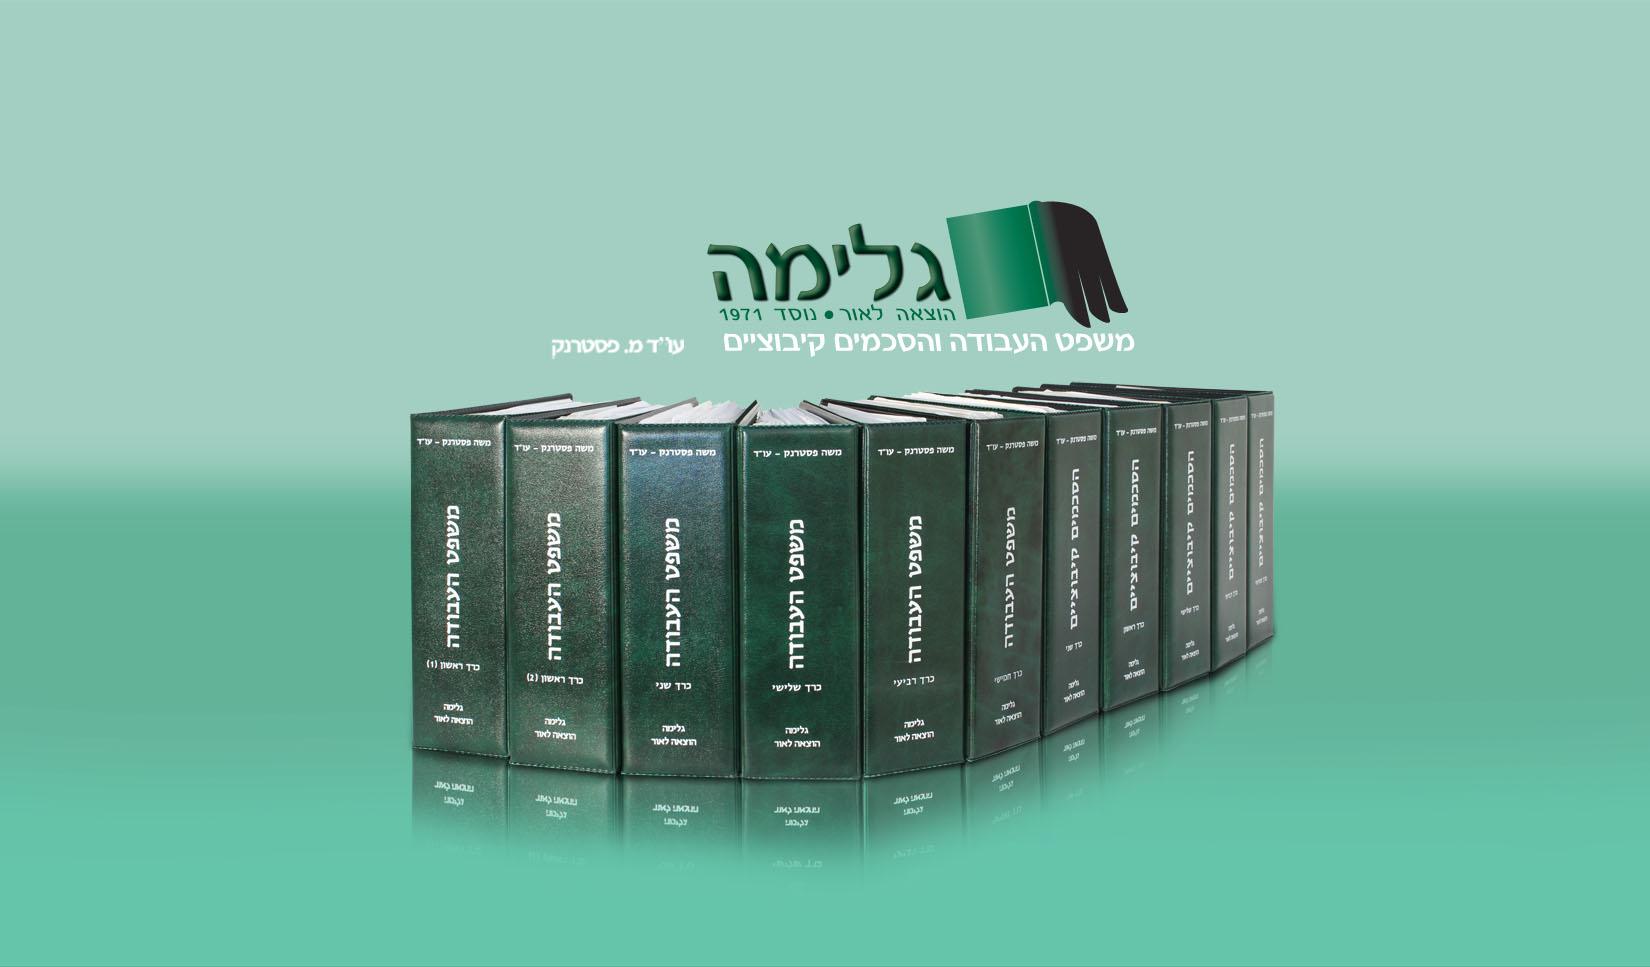 תמונה של הספרים, בתוספת הטקסט הבא: גלימה הוצאה לאור; נוסד 1971; משפט העבודה והסכמים קיבוציים; עורך דין מ. פסטרנק